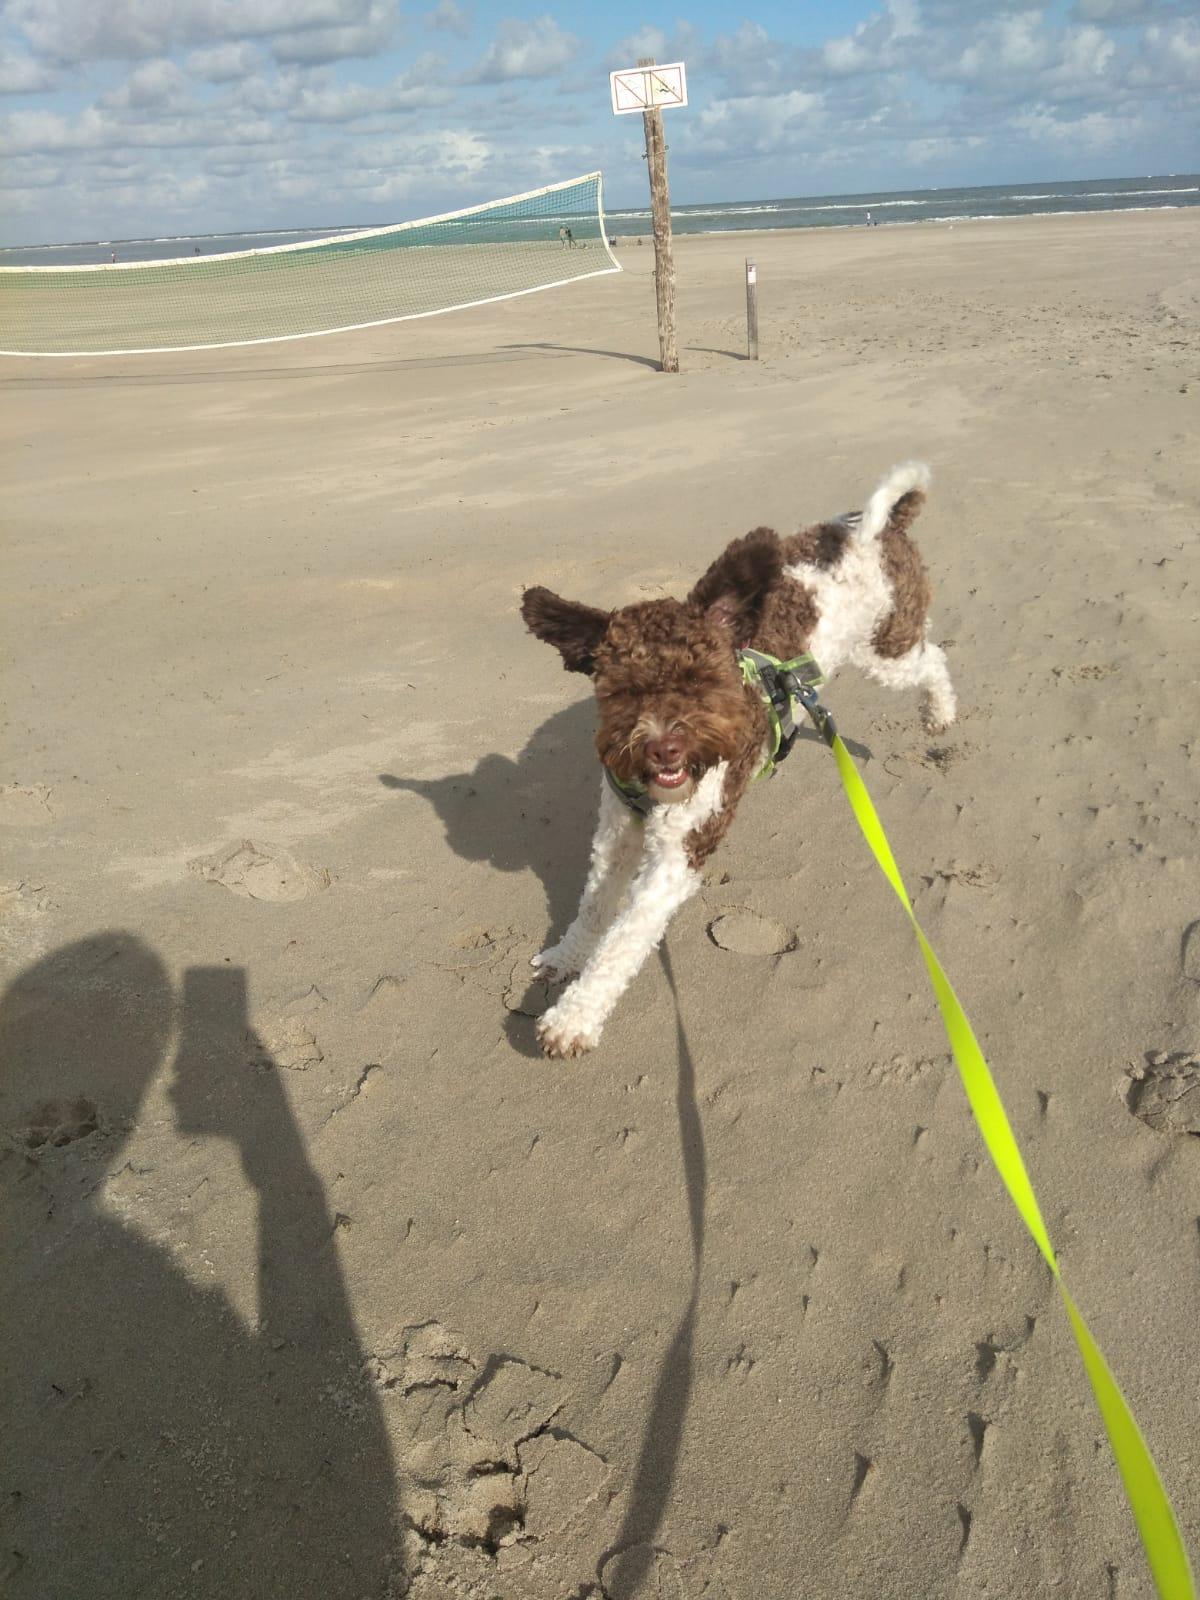 und tobt am Strand